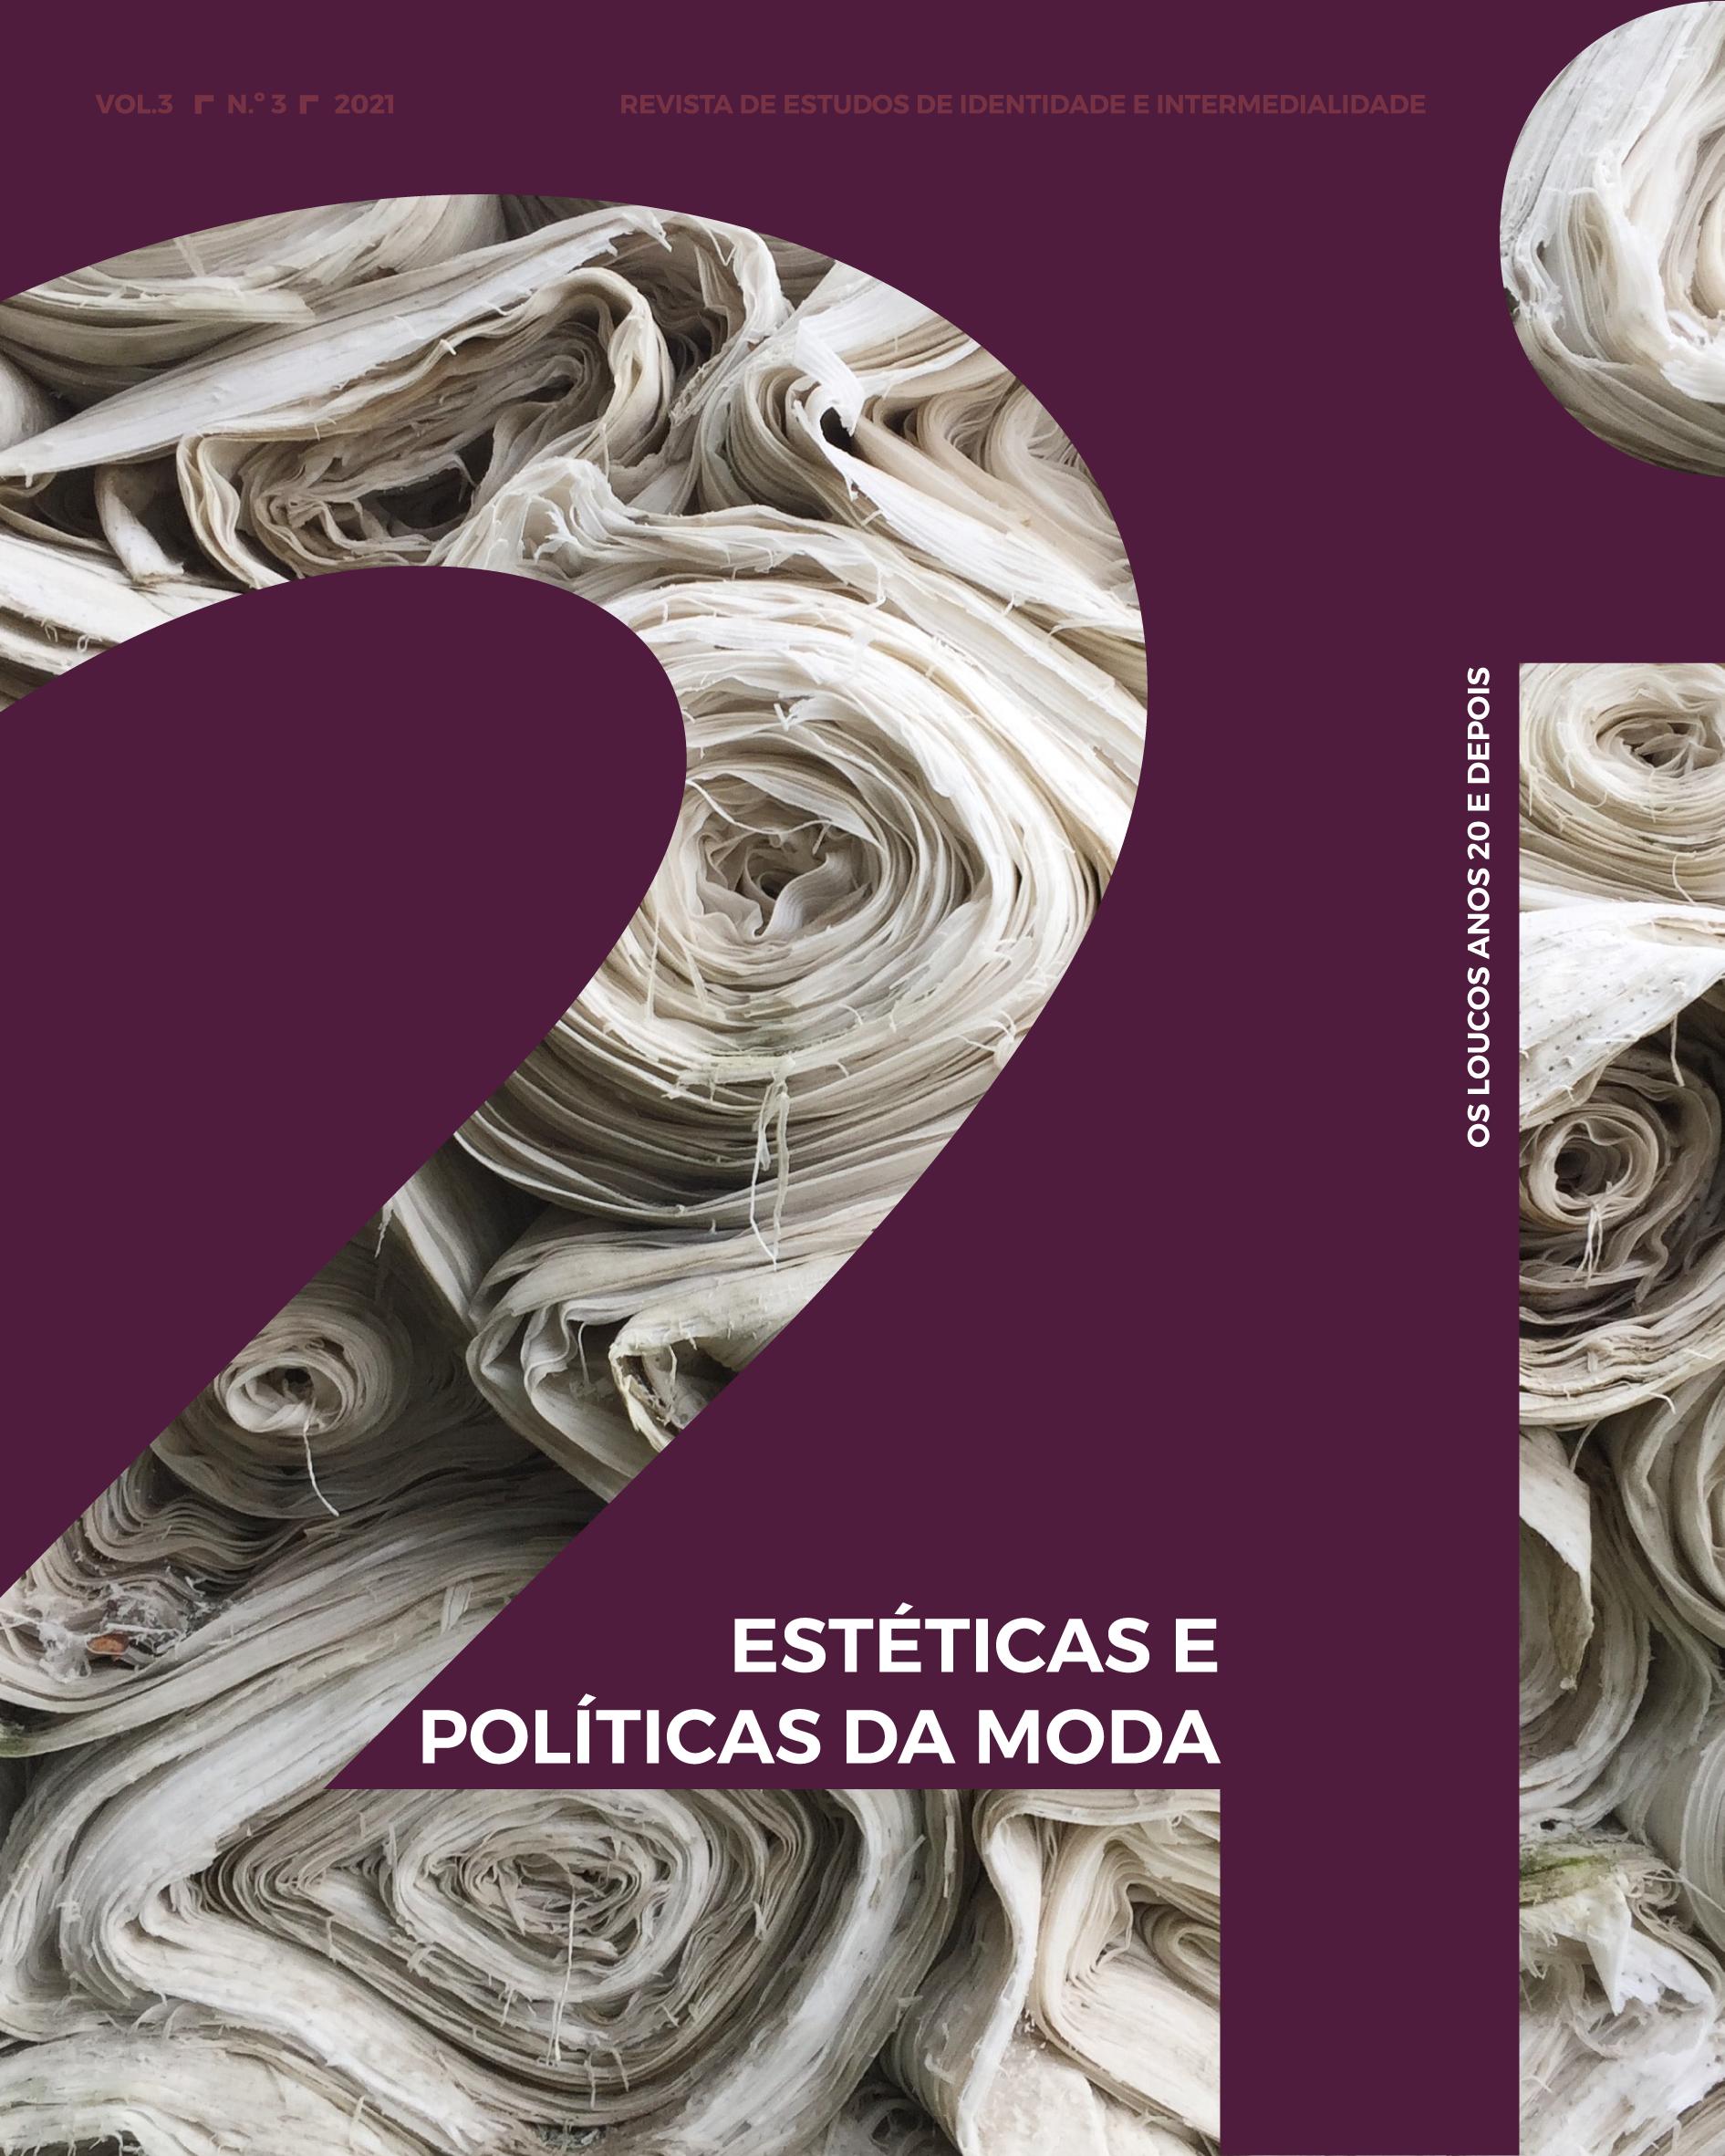 Ver Vol. 3 N.º 3 (2021): Estéticas e Políticas da Moda: 'Os Loucos Anos 20' e depois